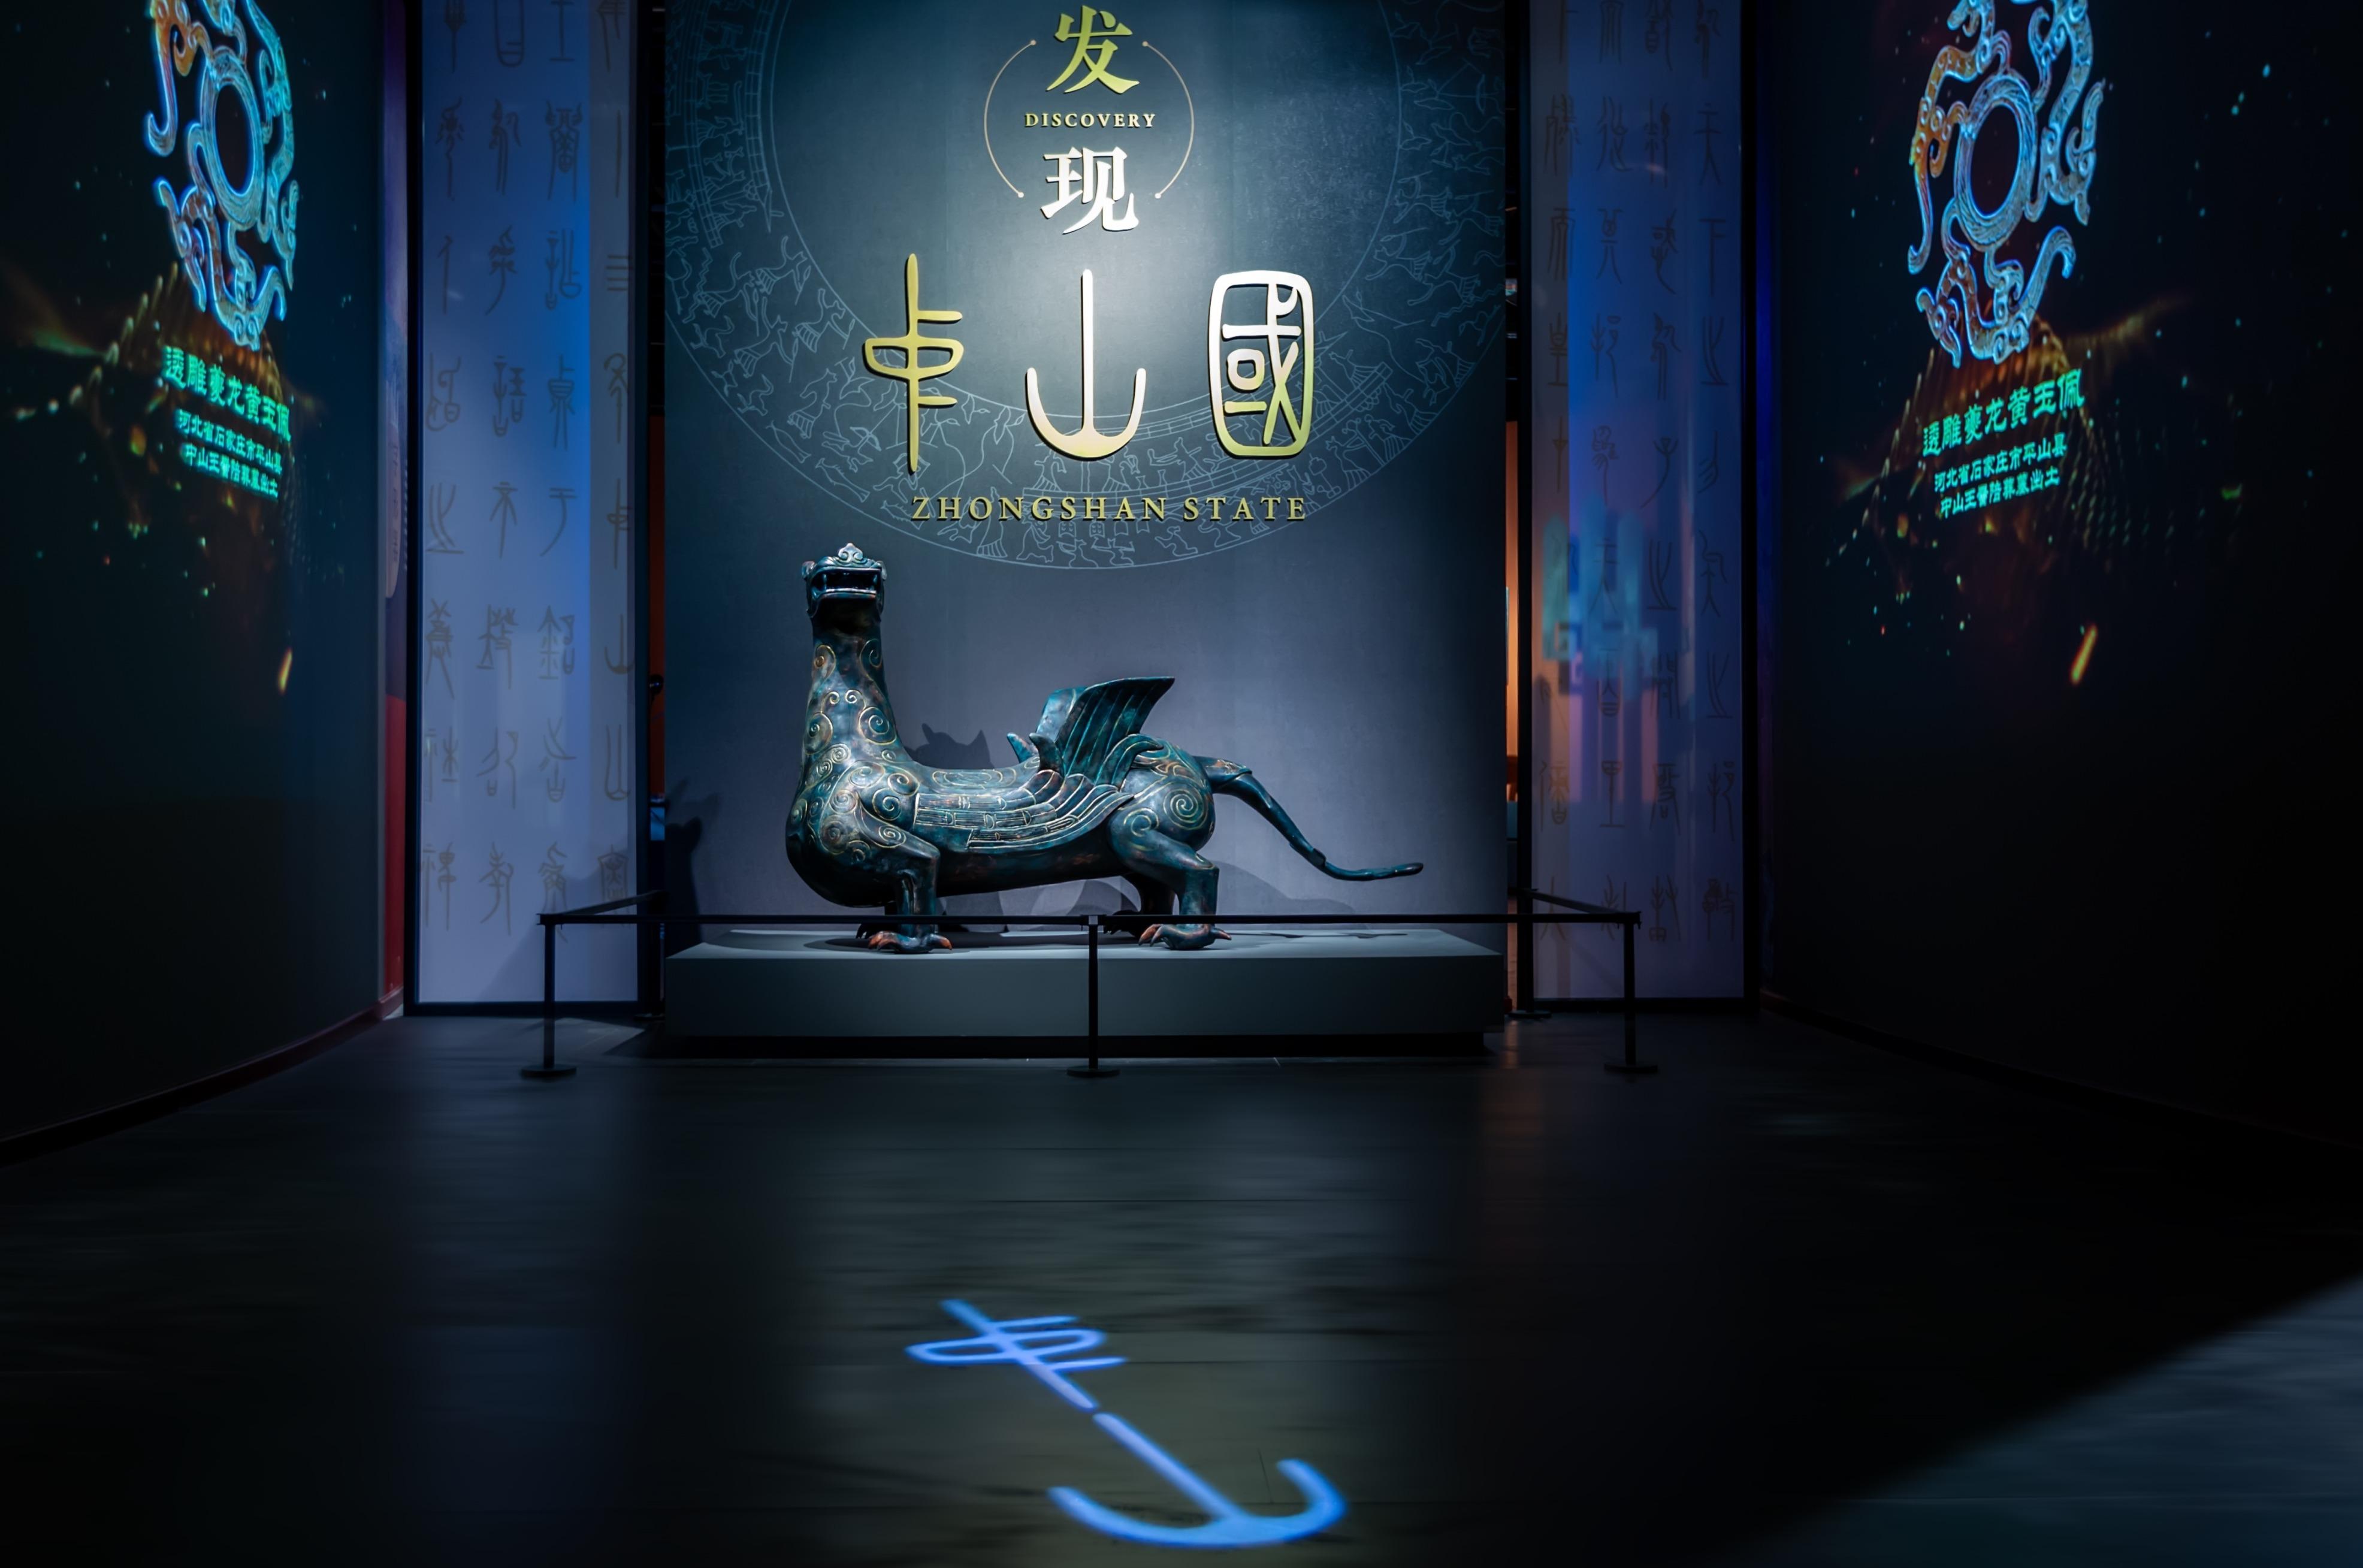 「戦国七雄」に次ぐ8番目の勢力「中山国」、特別展が成都市で開催